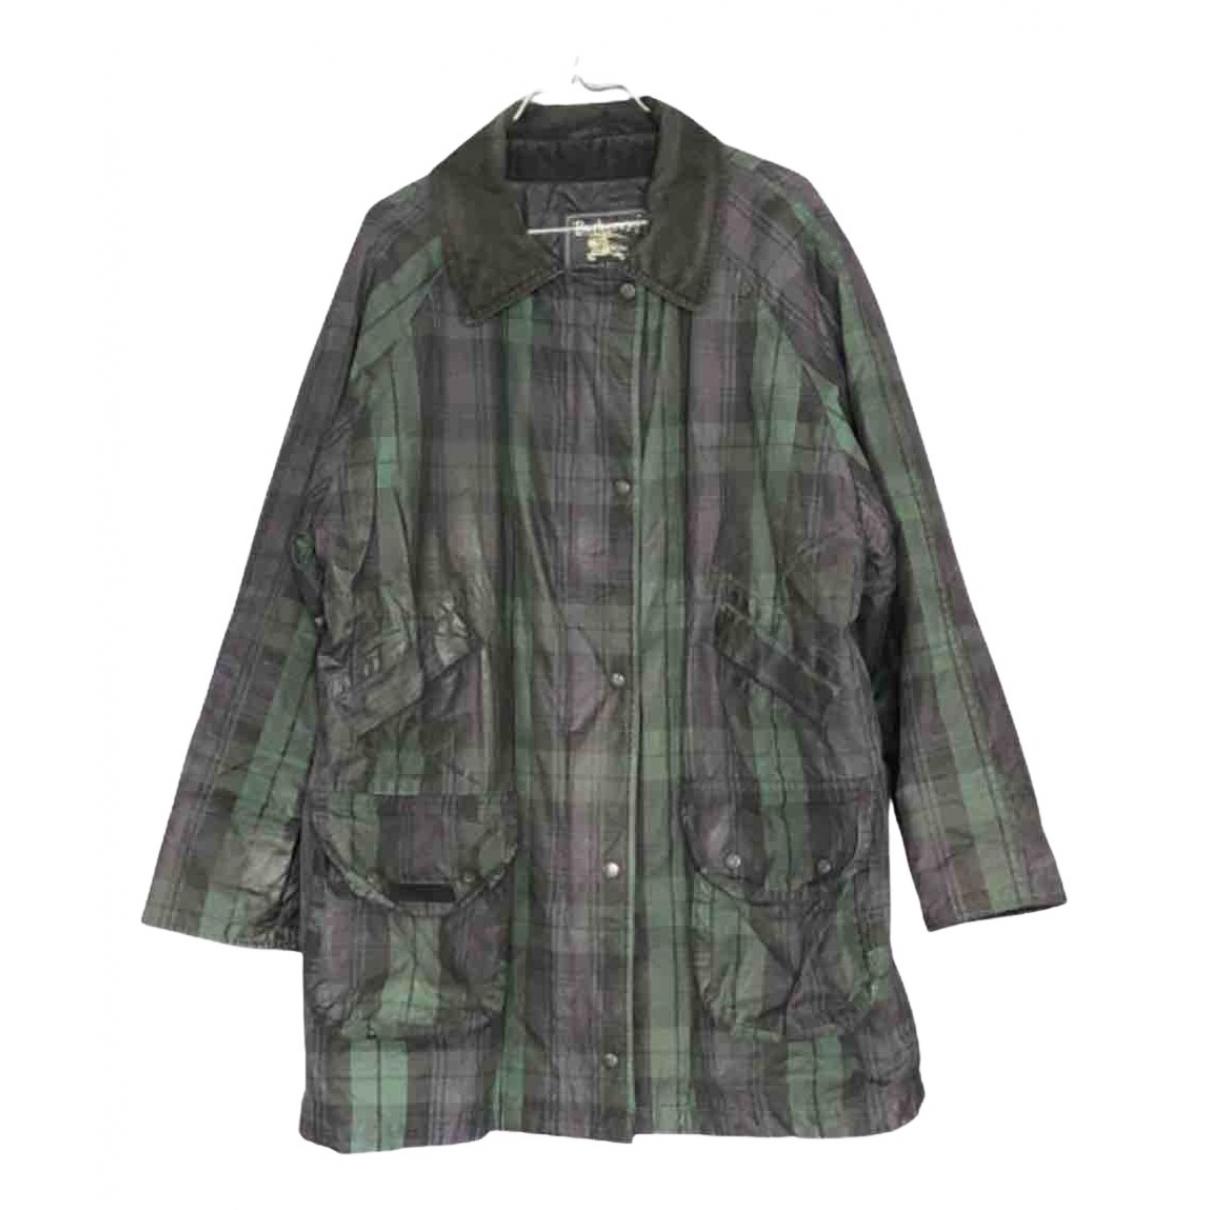 Burberry - Manteau   pour homme en coton - multicolore